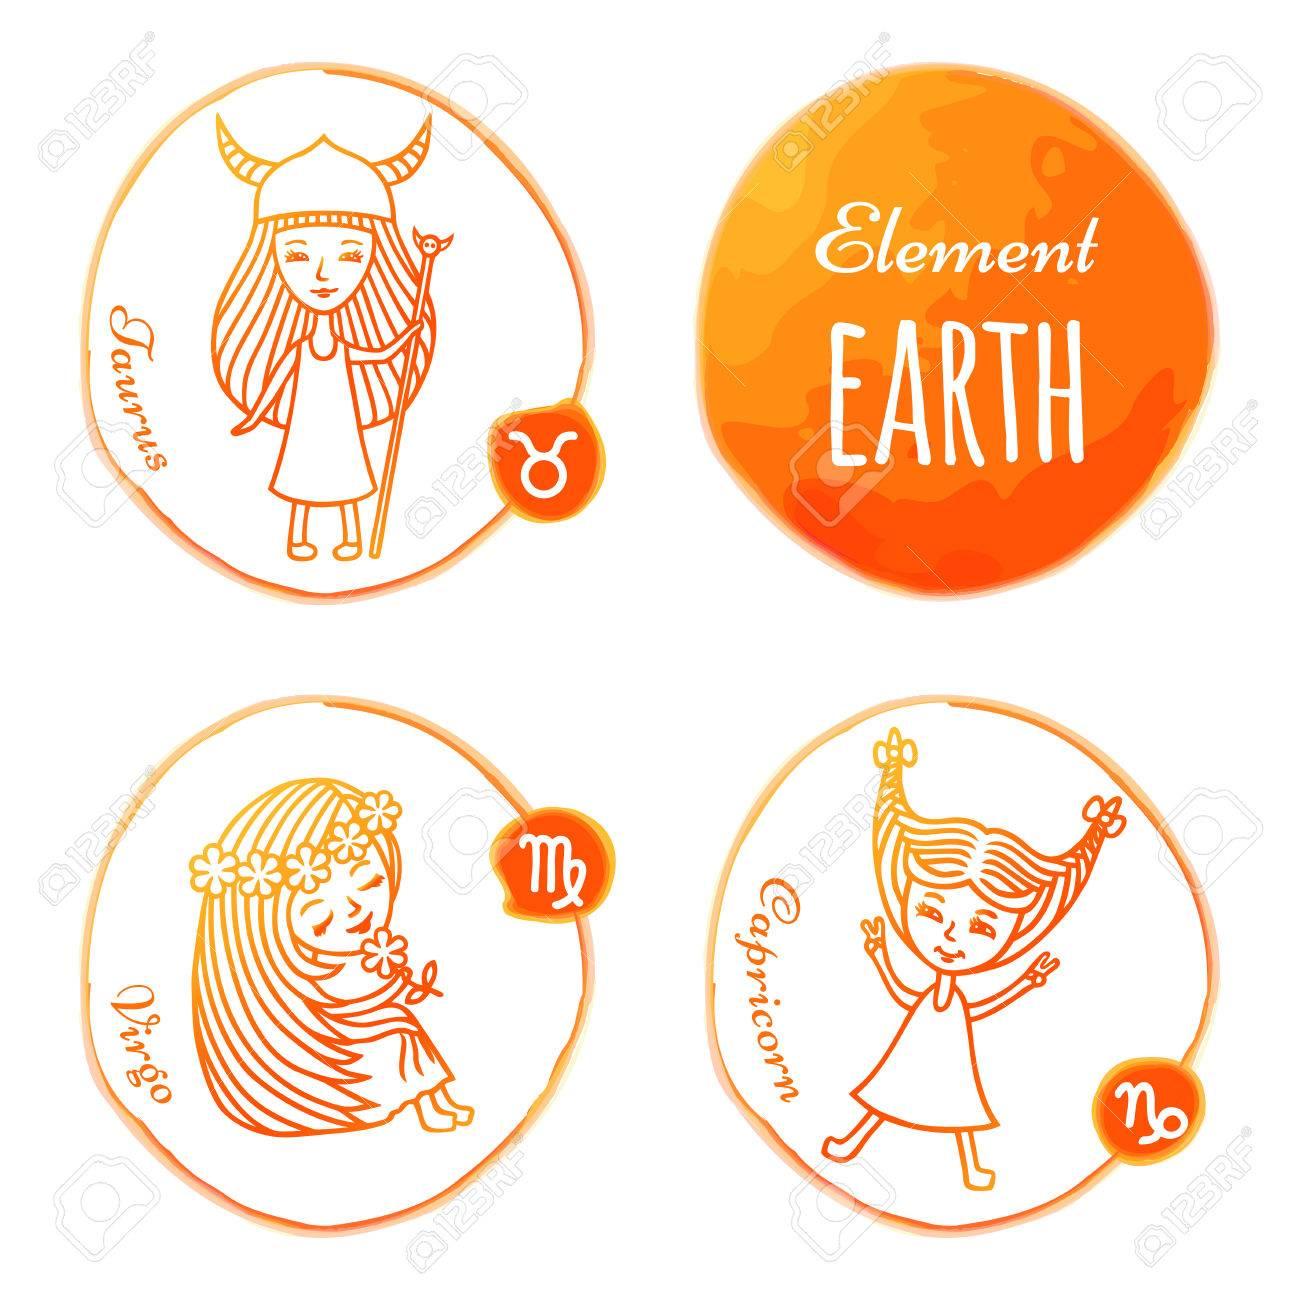 Horoskop Set Von 3 Sternzeichen Der Elemente Der Erde Stier